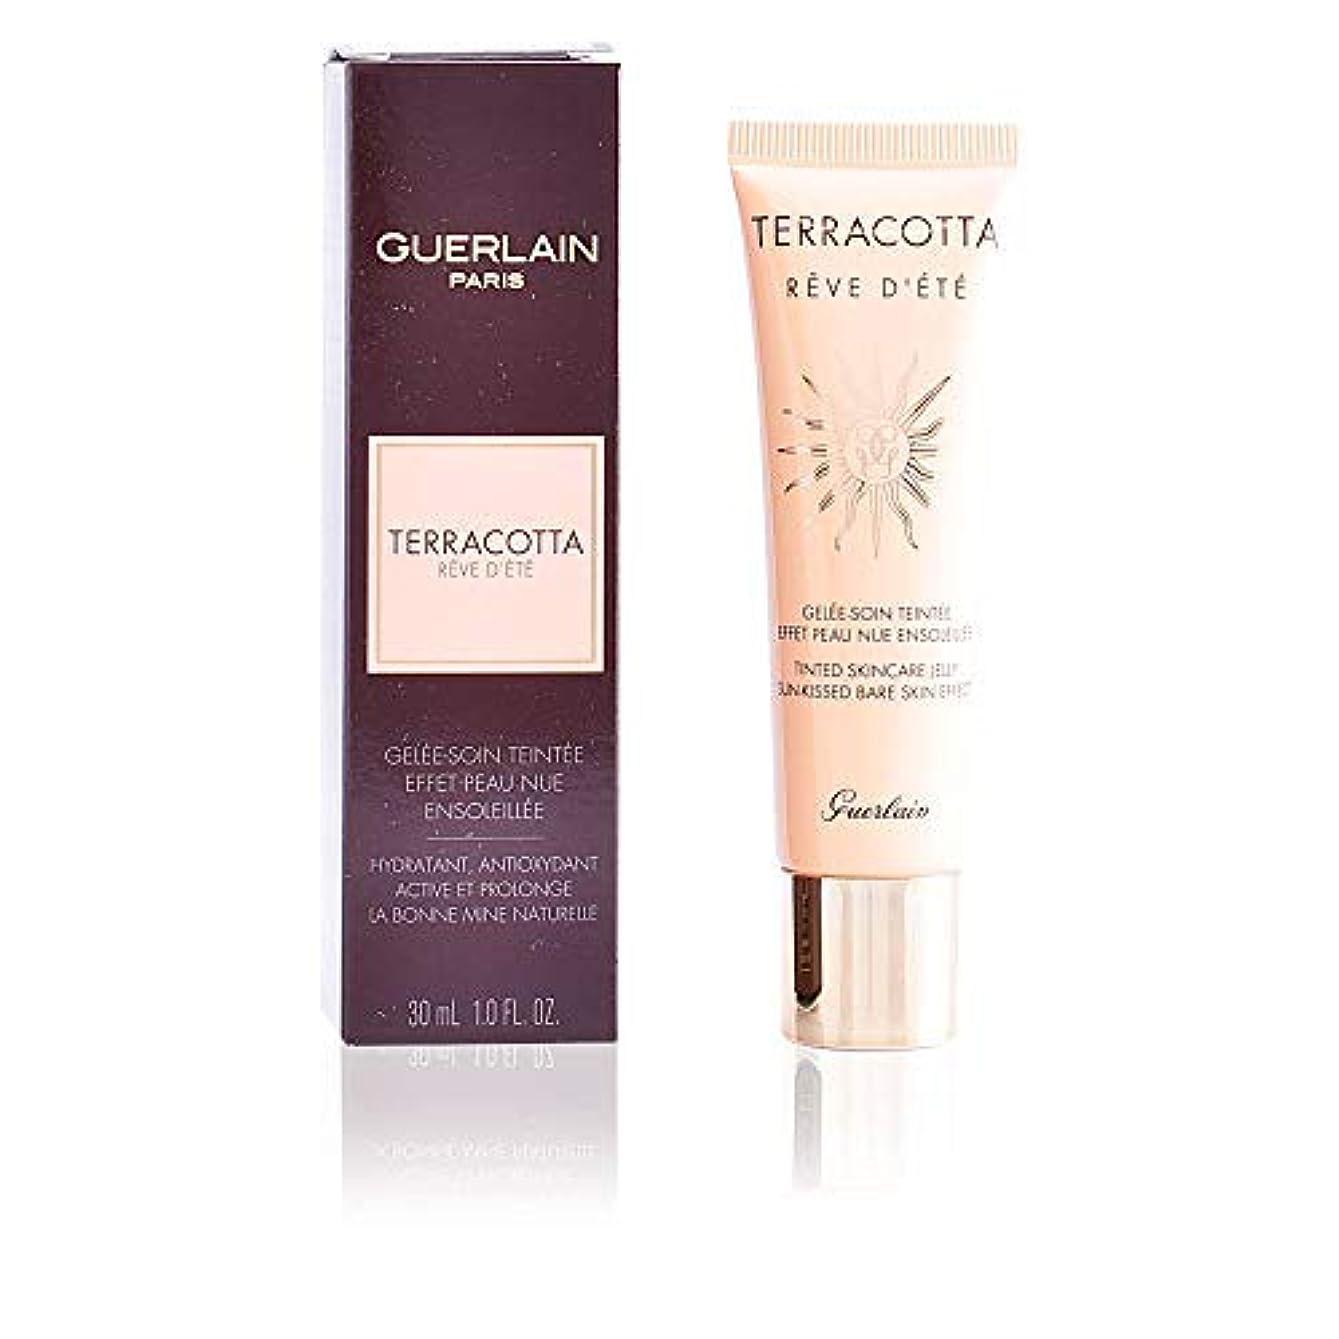 集中的な粘着性影響ゲラン Terracotta Reve D'ete Tinted Skincare Jelly - # Light 30ml/1oz並行輸入品